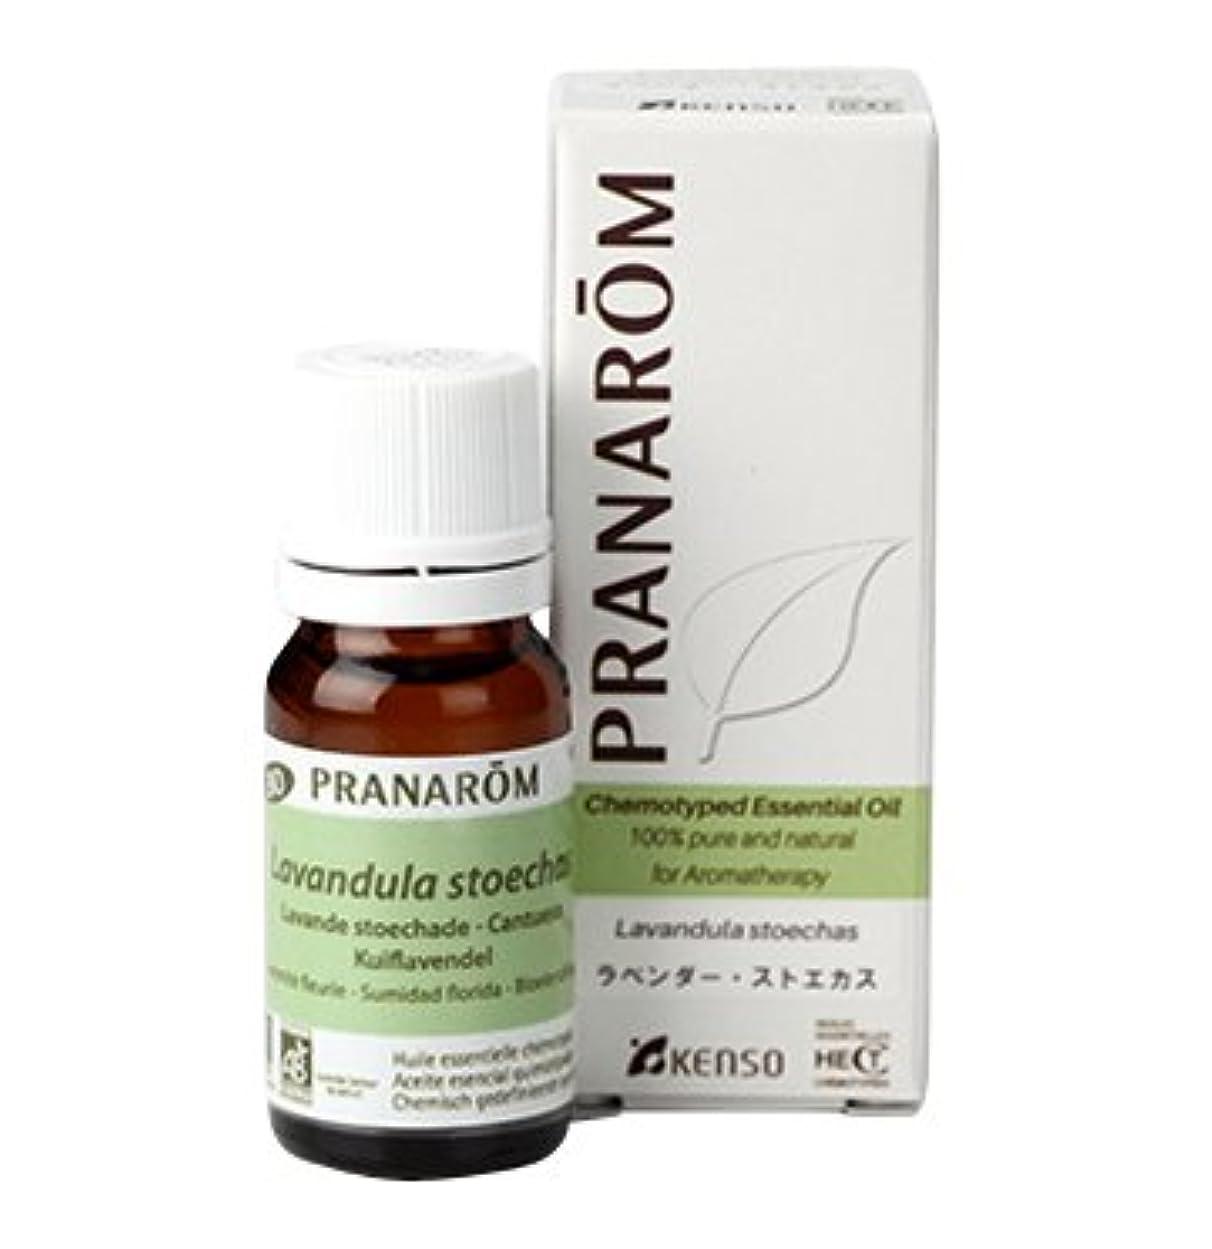 薬剤師元に戻す世界記録のギネスブックプラナロム ( PRANAROM ) 精油 ラベンダー?ストエカス 10ml p-102 ラベンダーストエカス